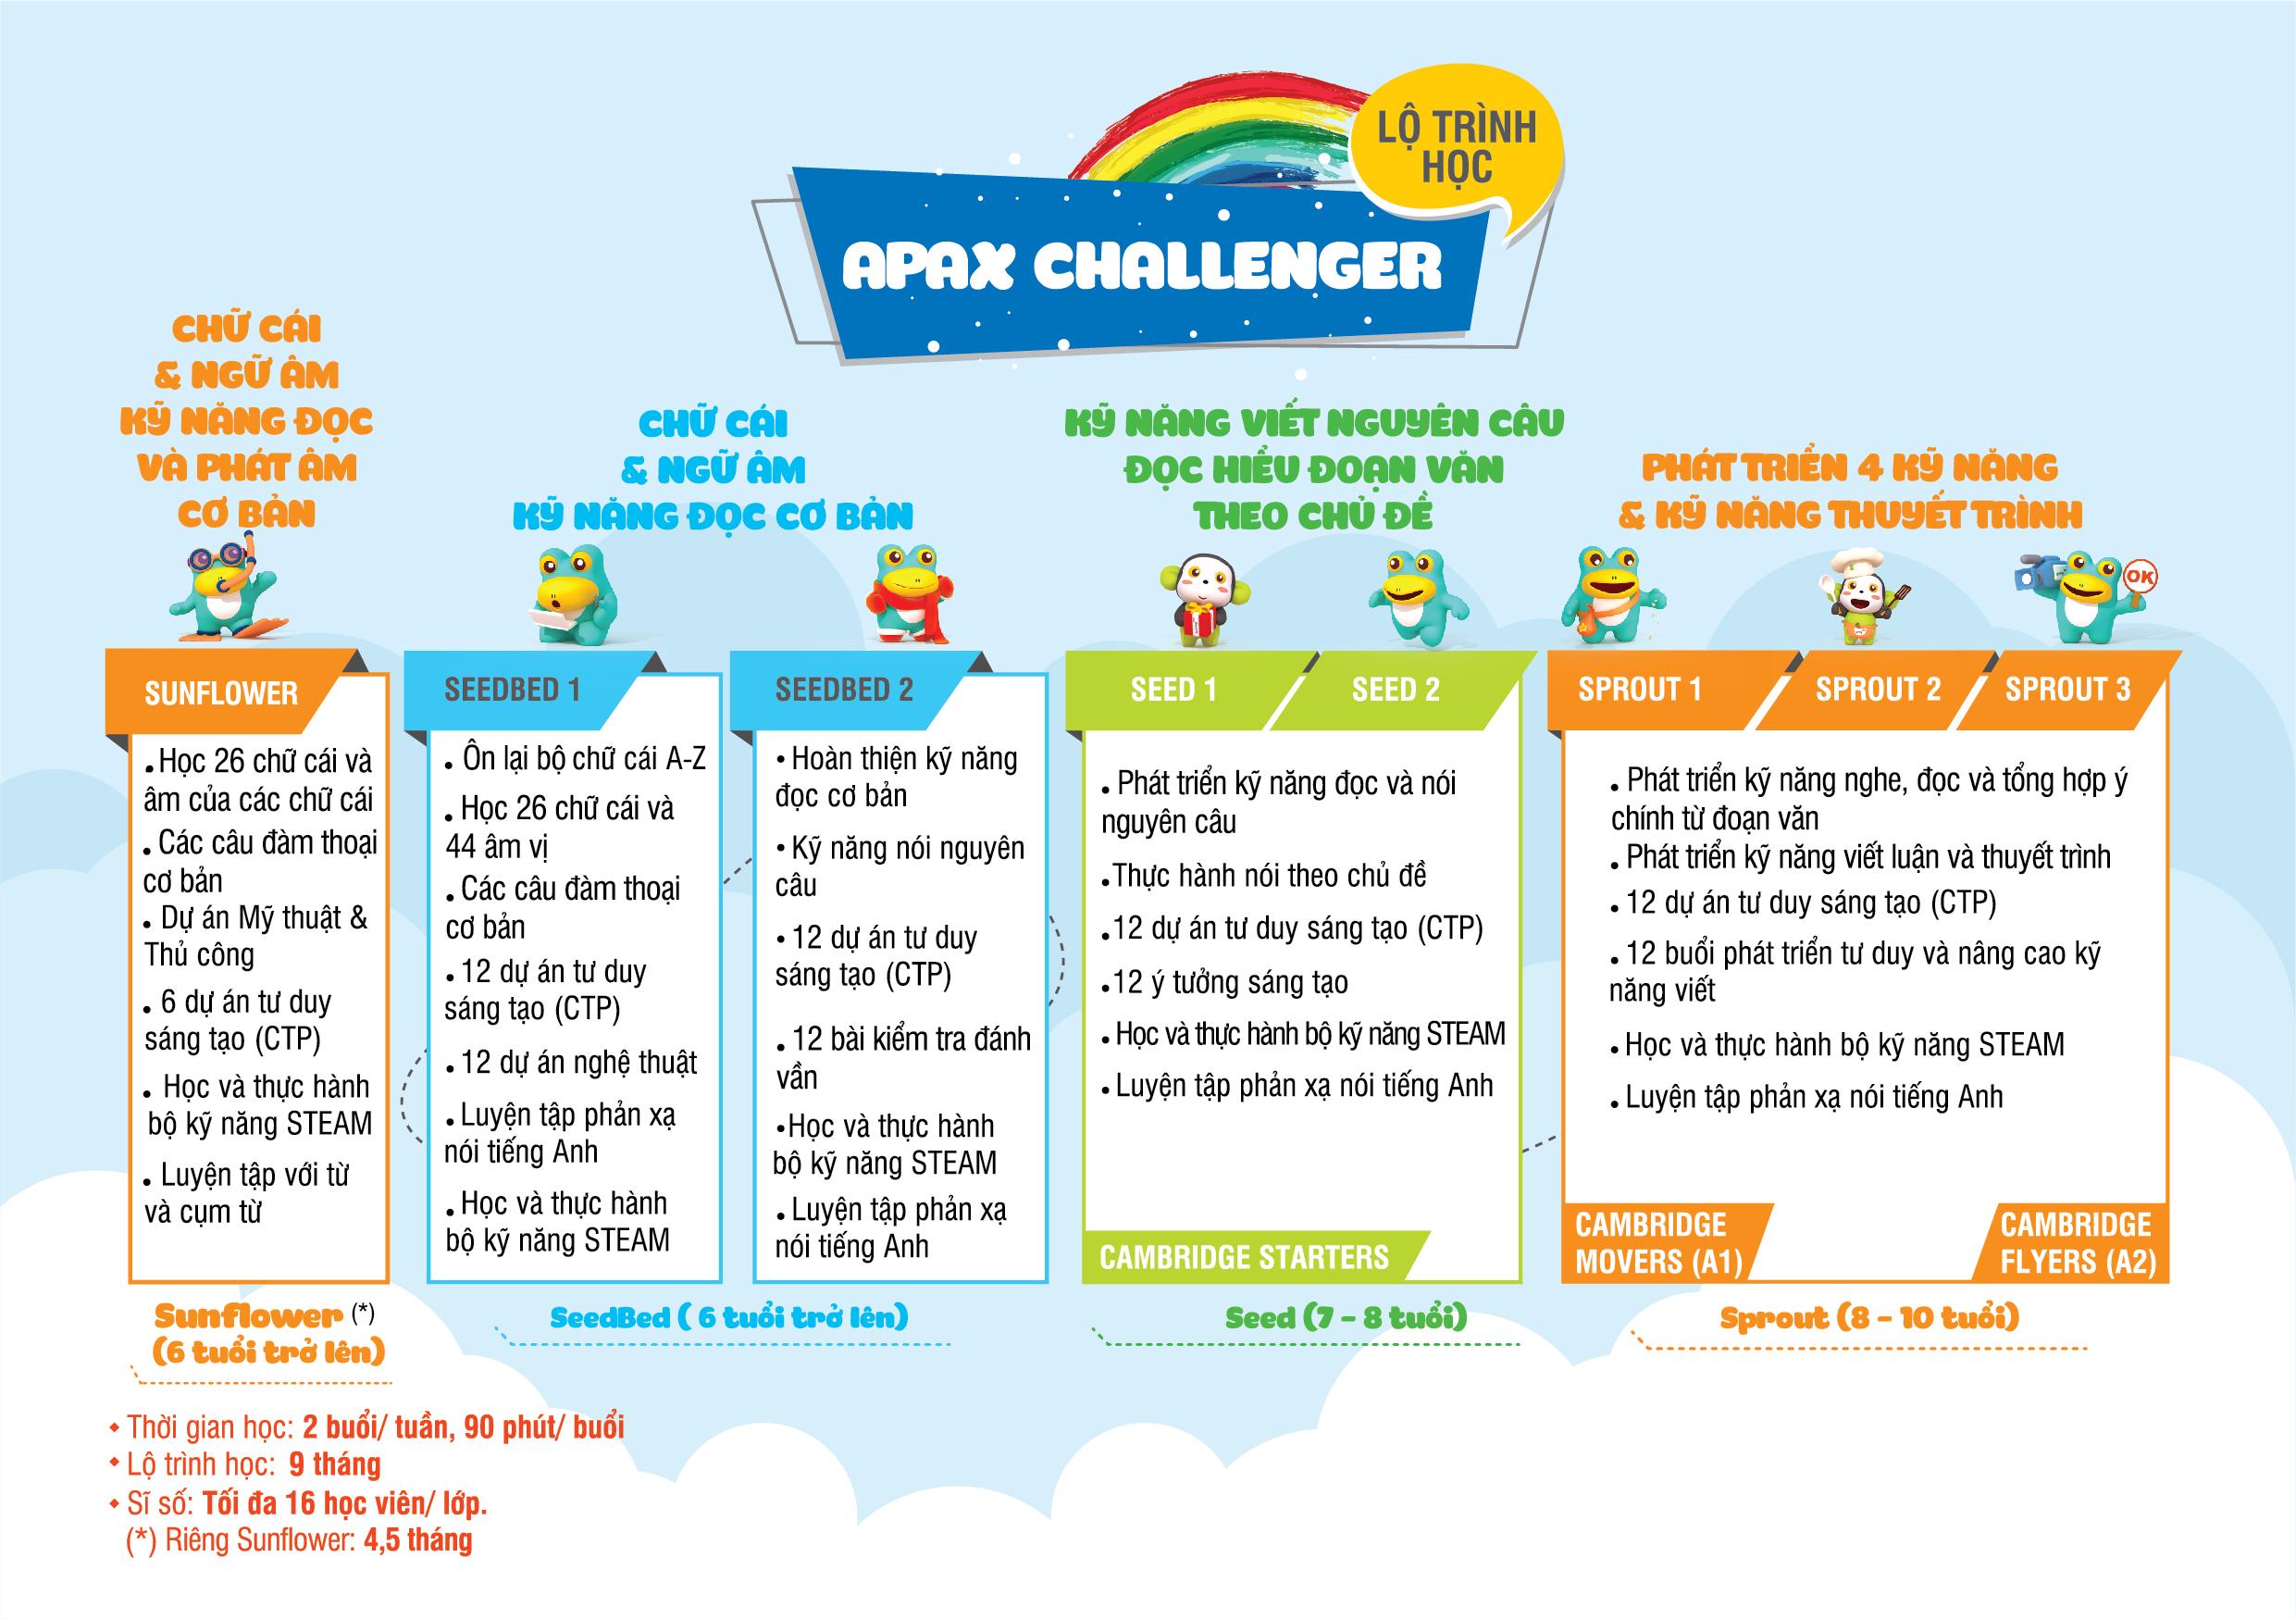 Lộ trình đào tạo Apax Challenger